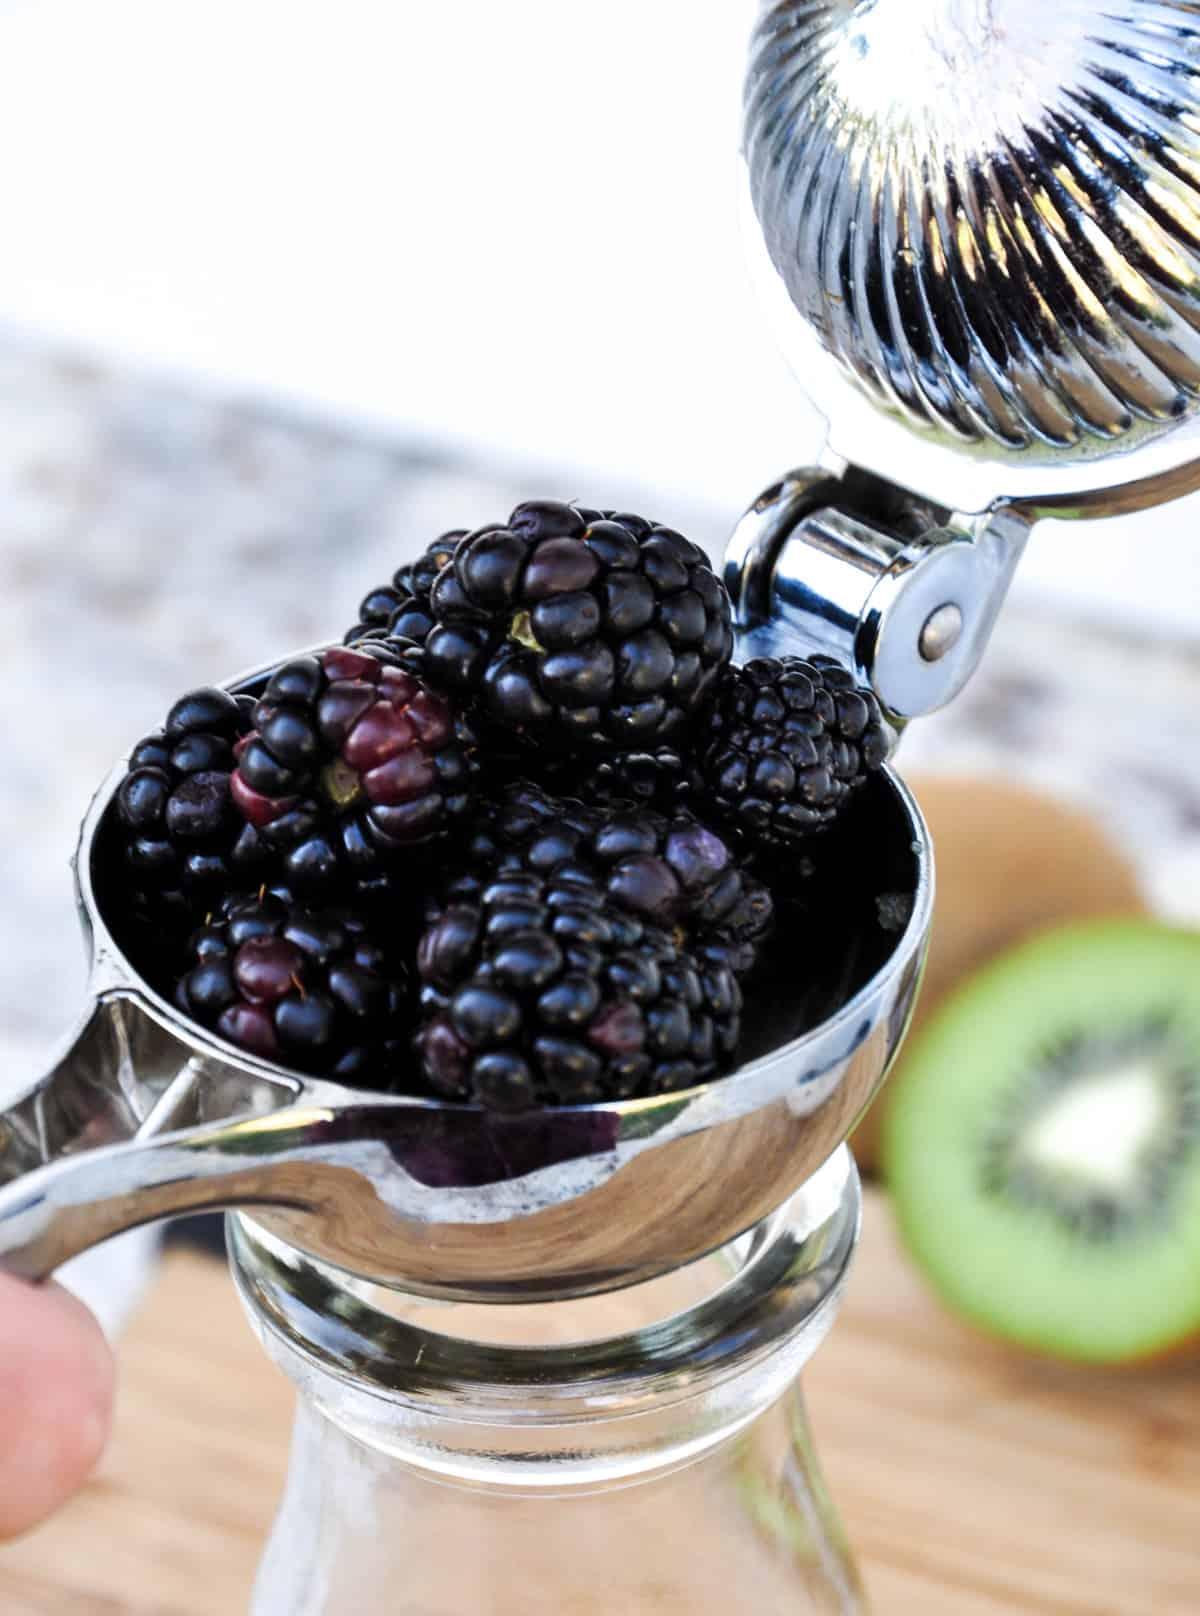 Juice blackberries